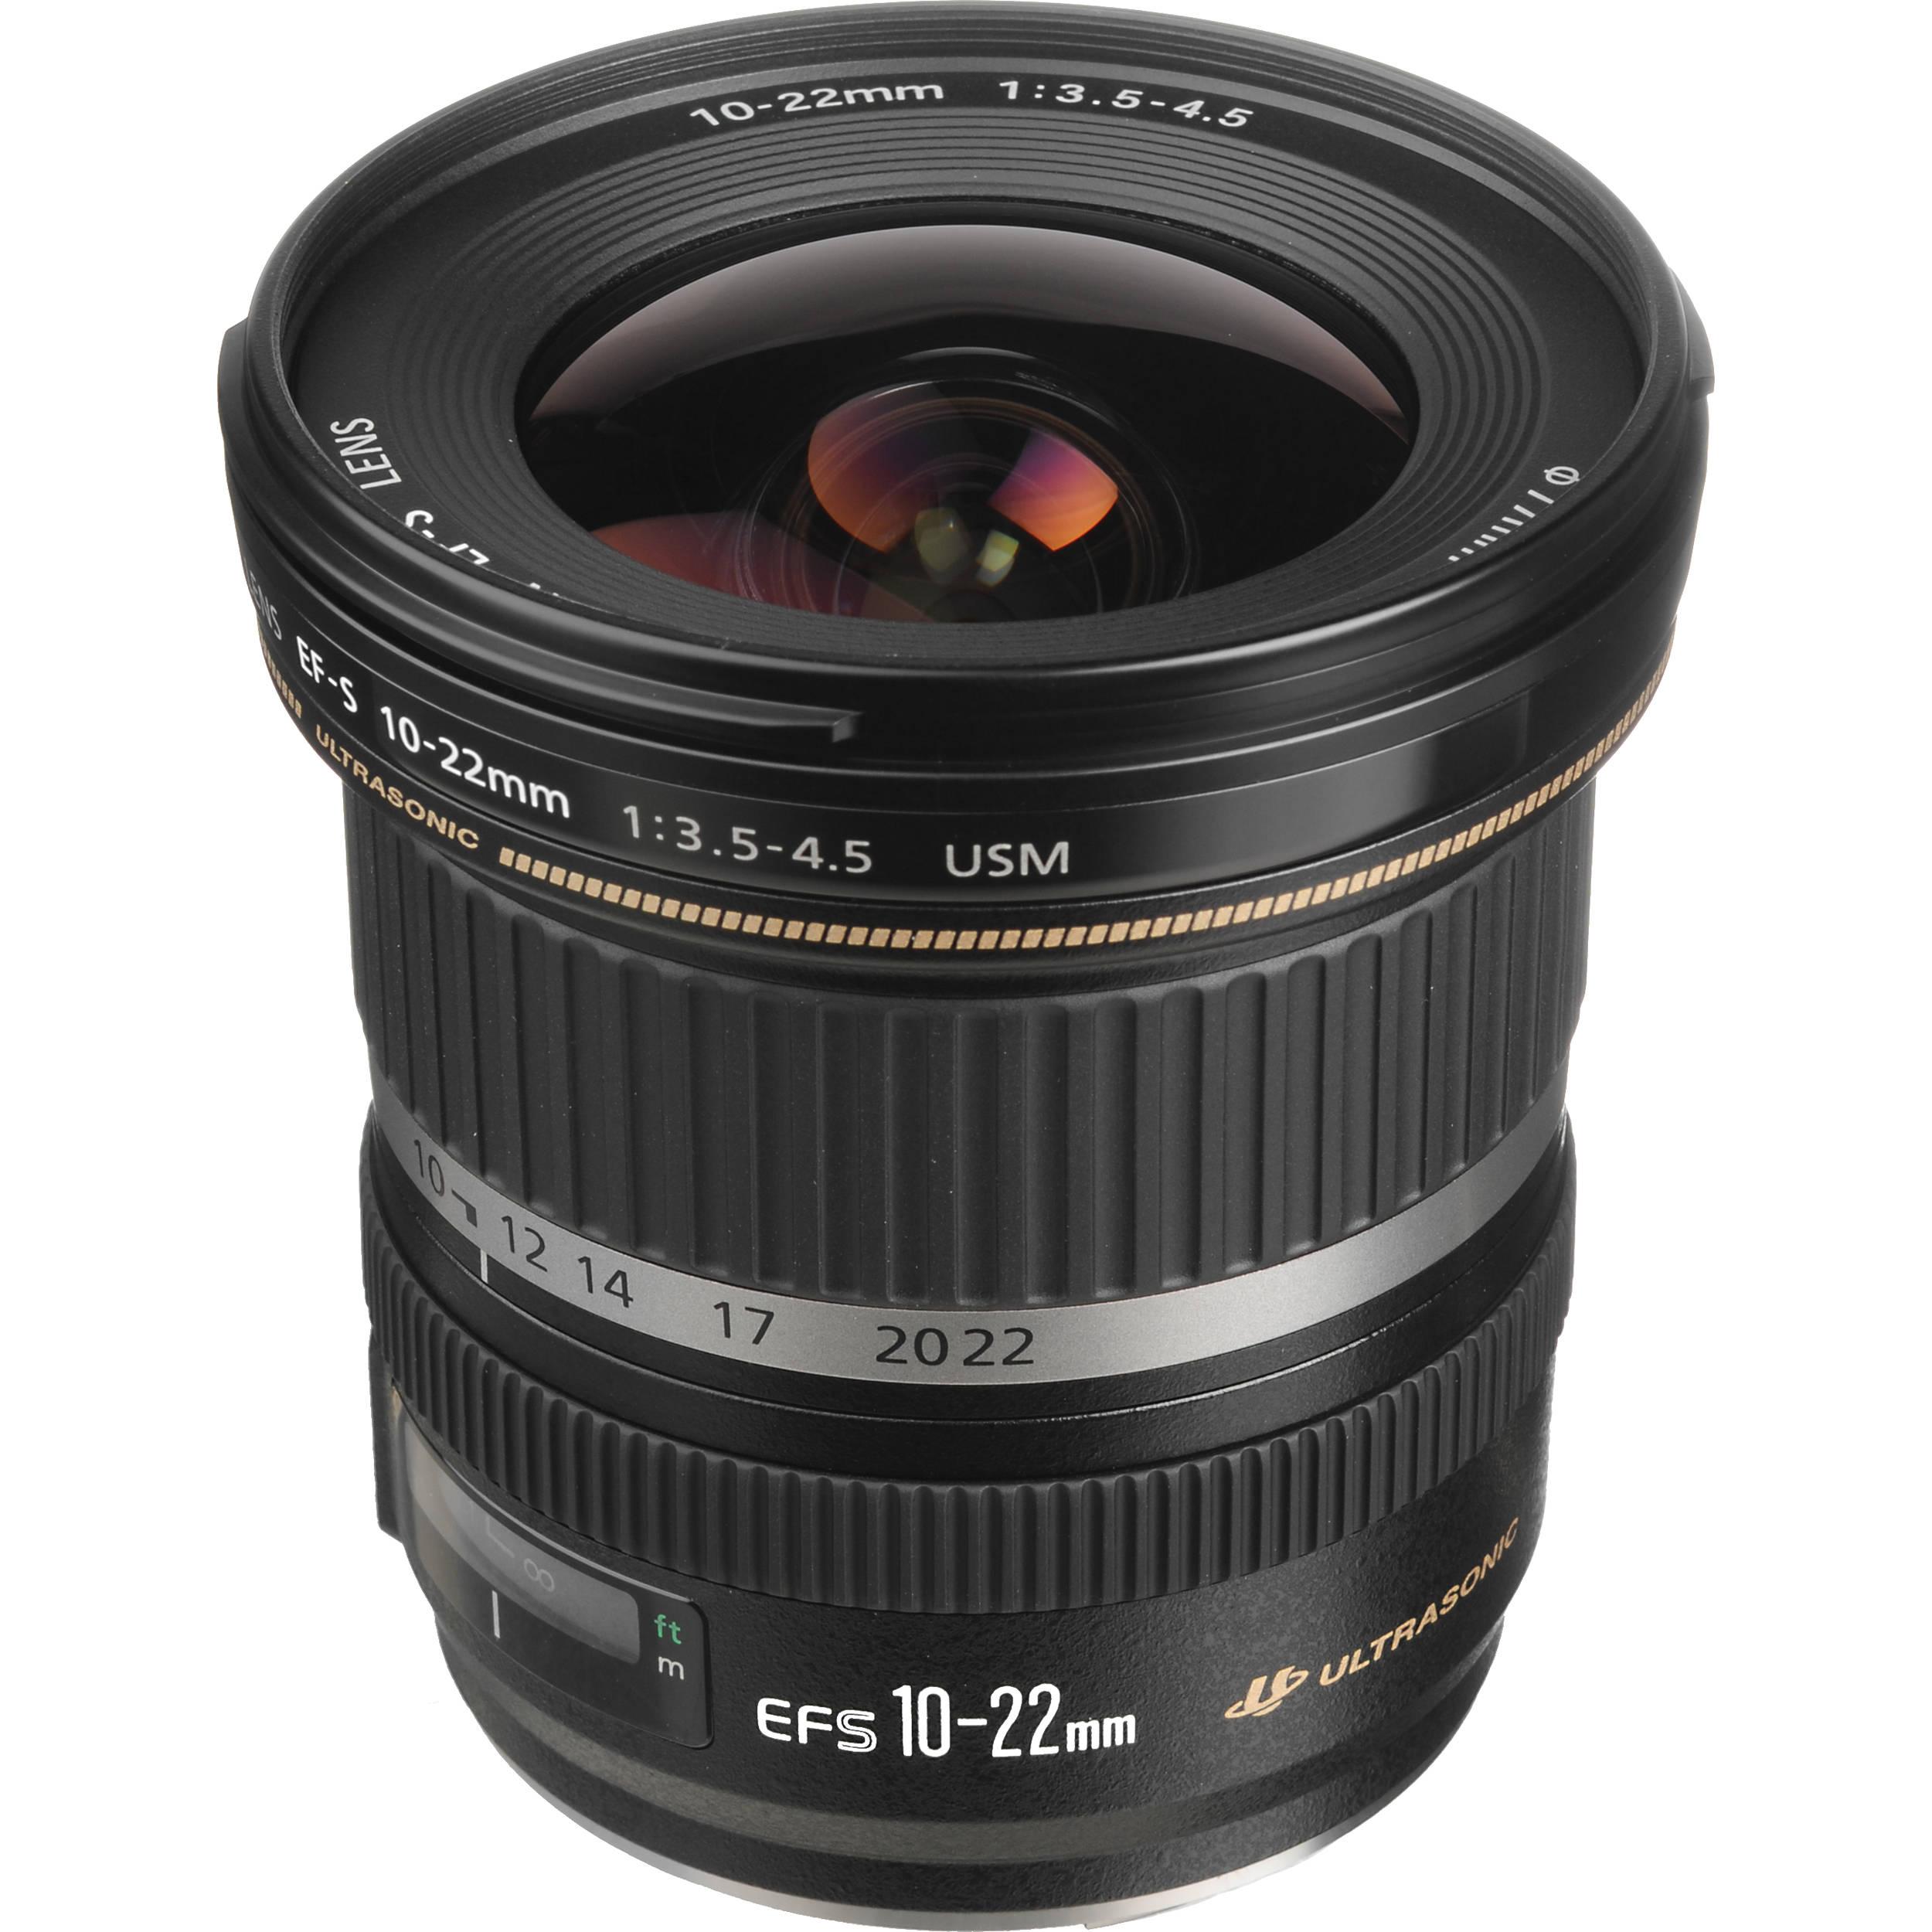 canon ef s 10 22mm f 3 5 4 5 usm lens b h photo video. Black Bedroom Furniture Sets. Home Design Ideas